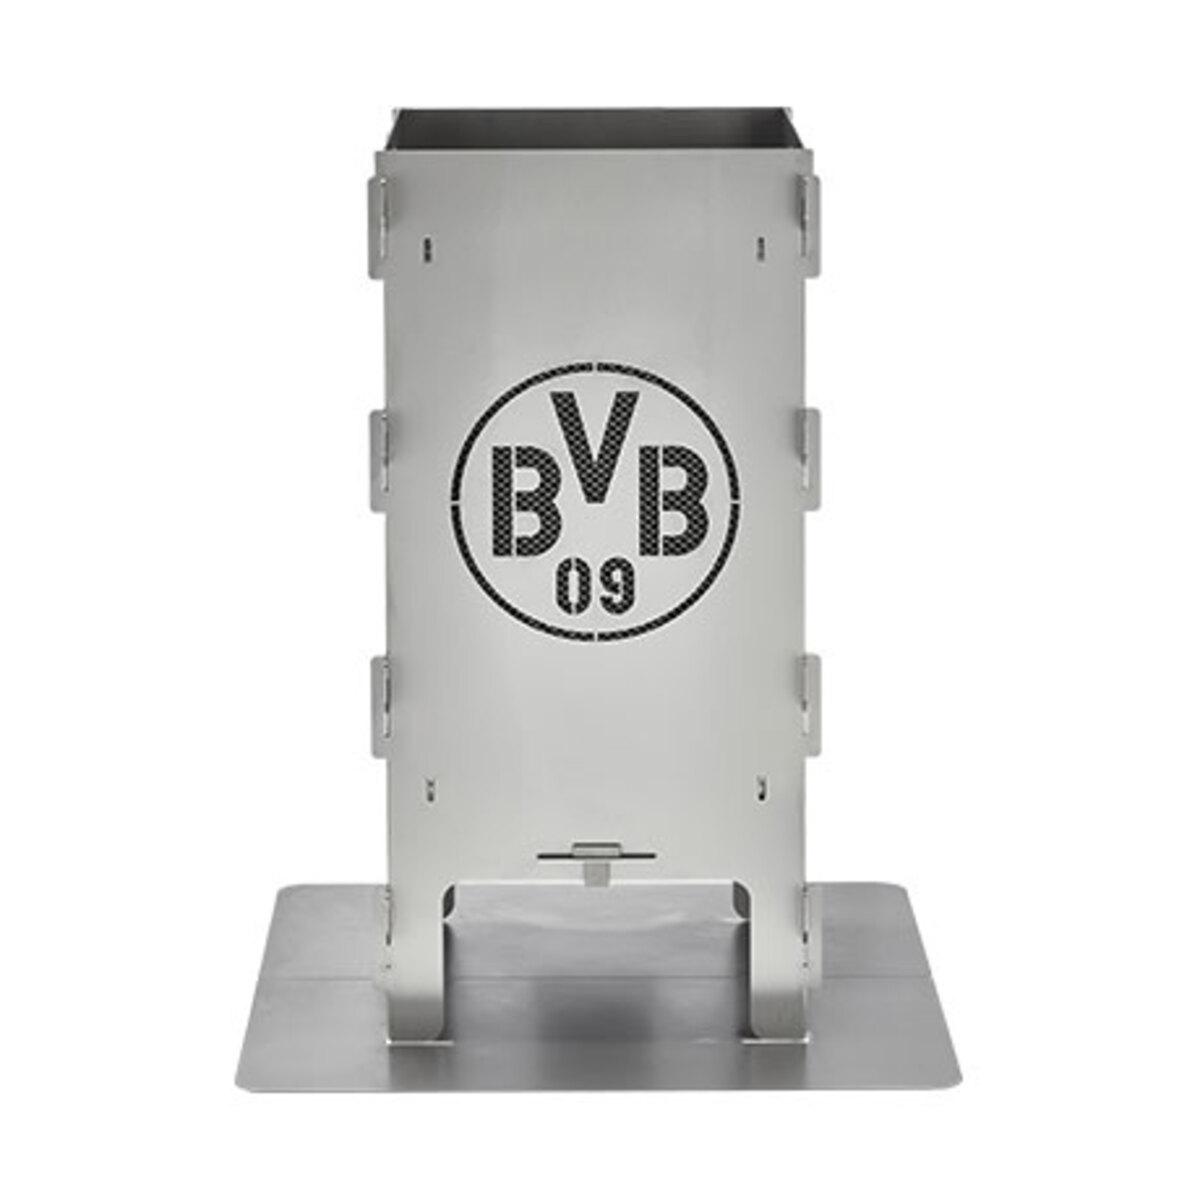 Bild 3 von Fußball-Feuersäule BVB1